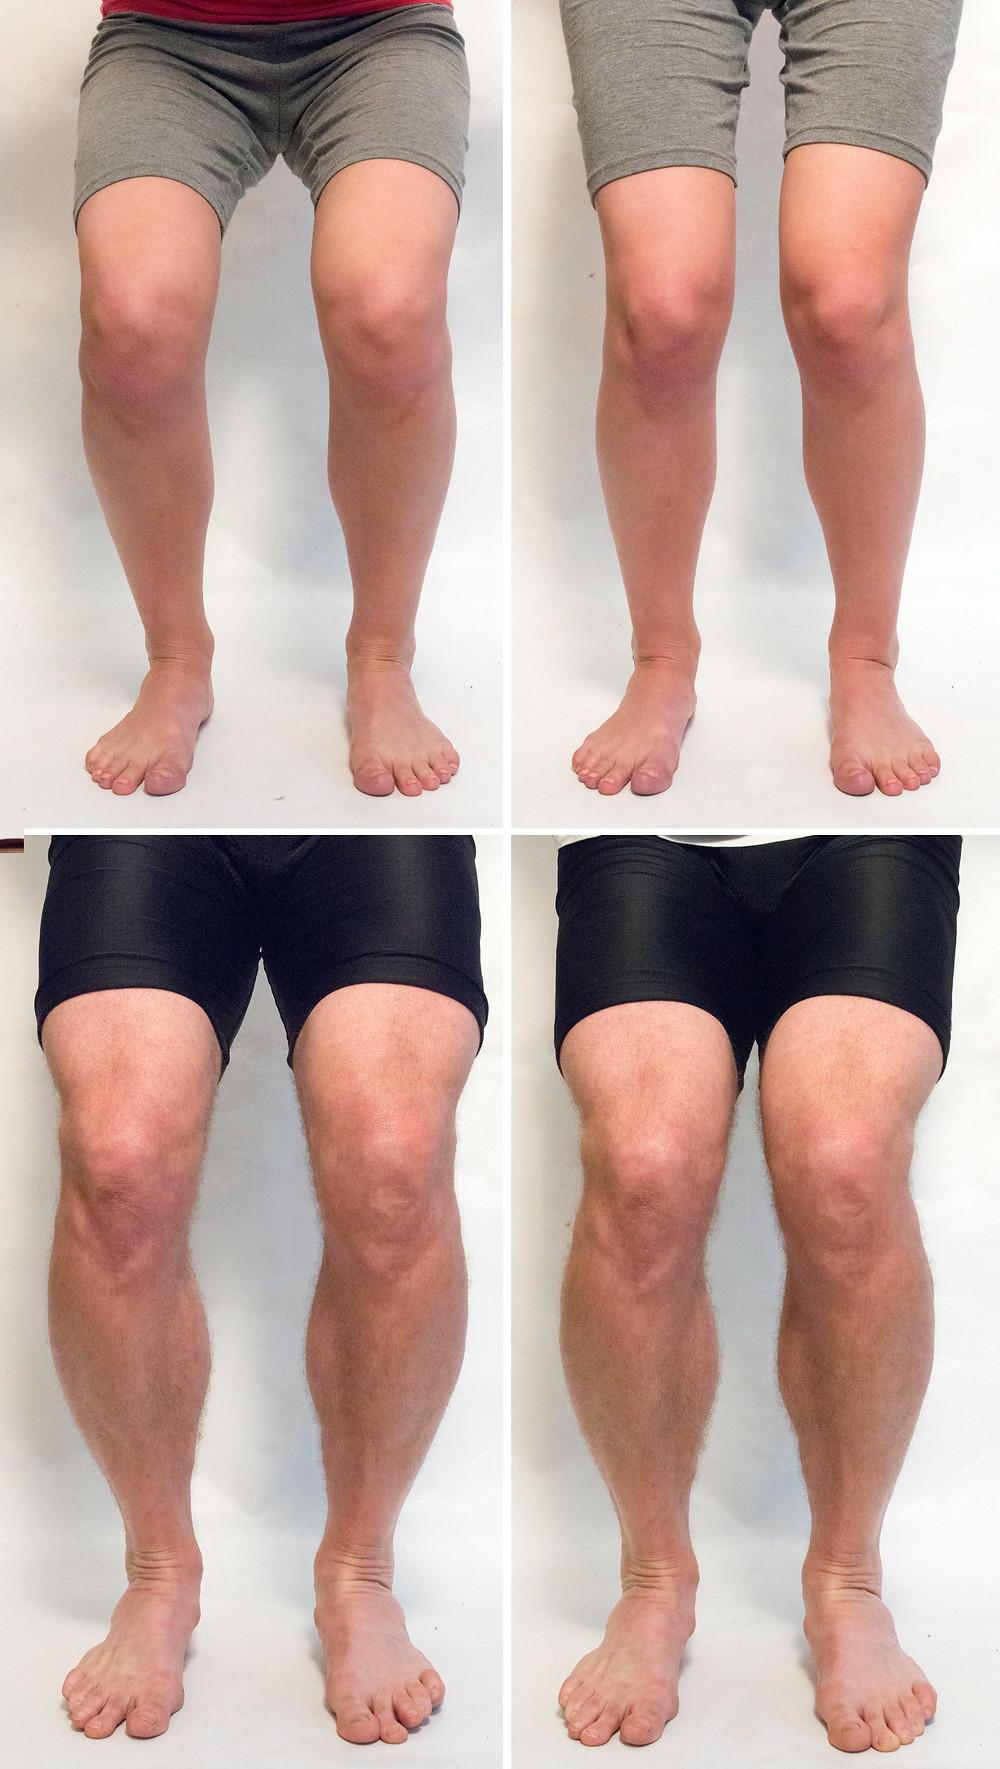 A bal oldali képeken a tengelyek megtartva, az ízületek stabilizálva, a jobb oldali képeken a térdek a gyenge stabilizálás miatt befelé fordulnak